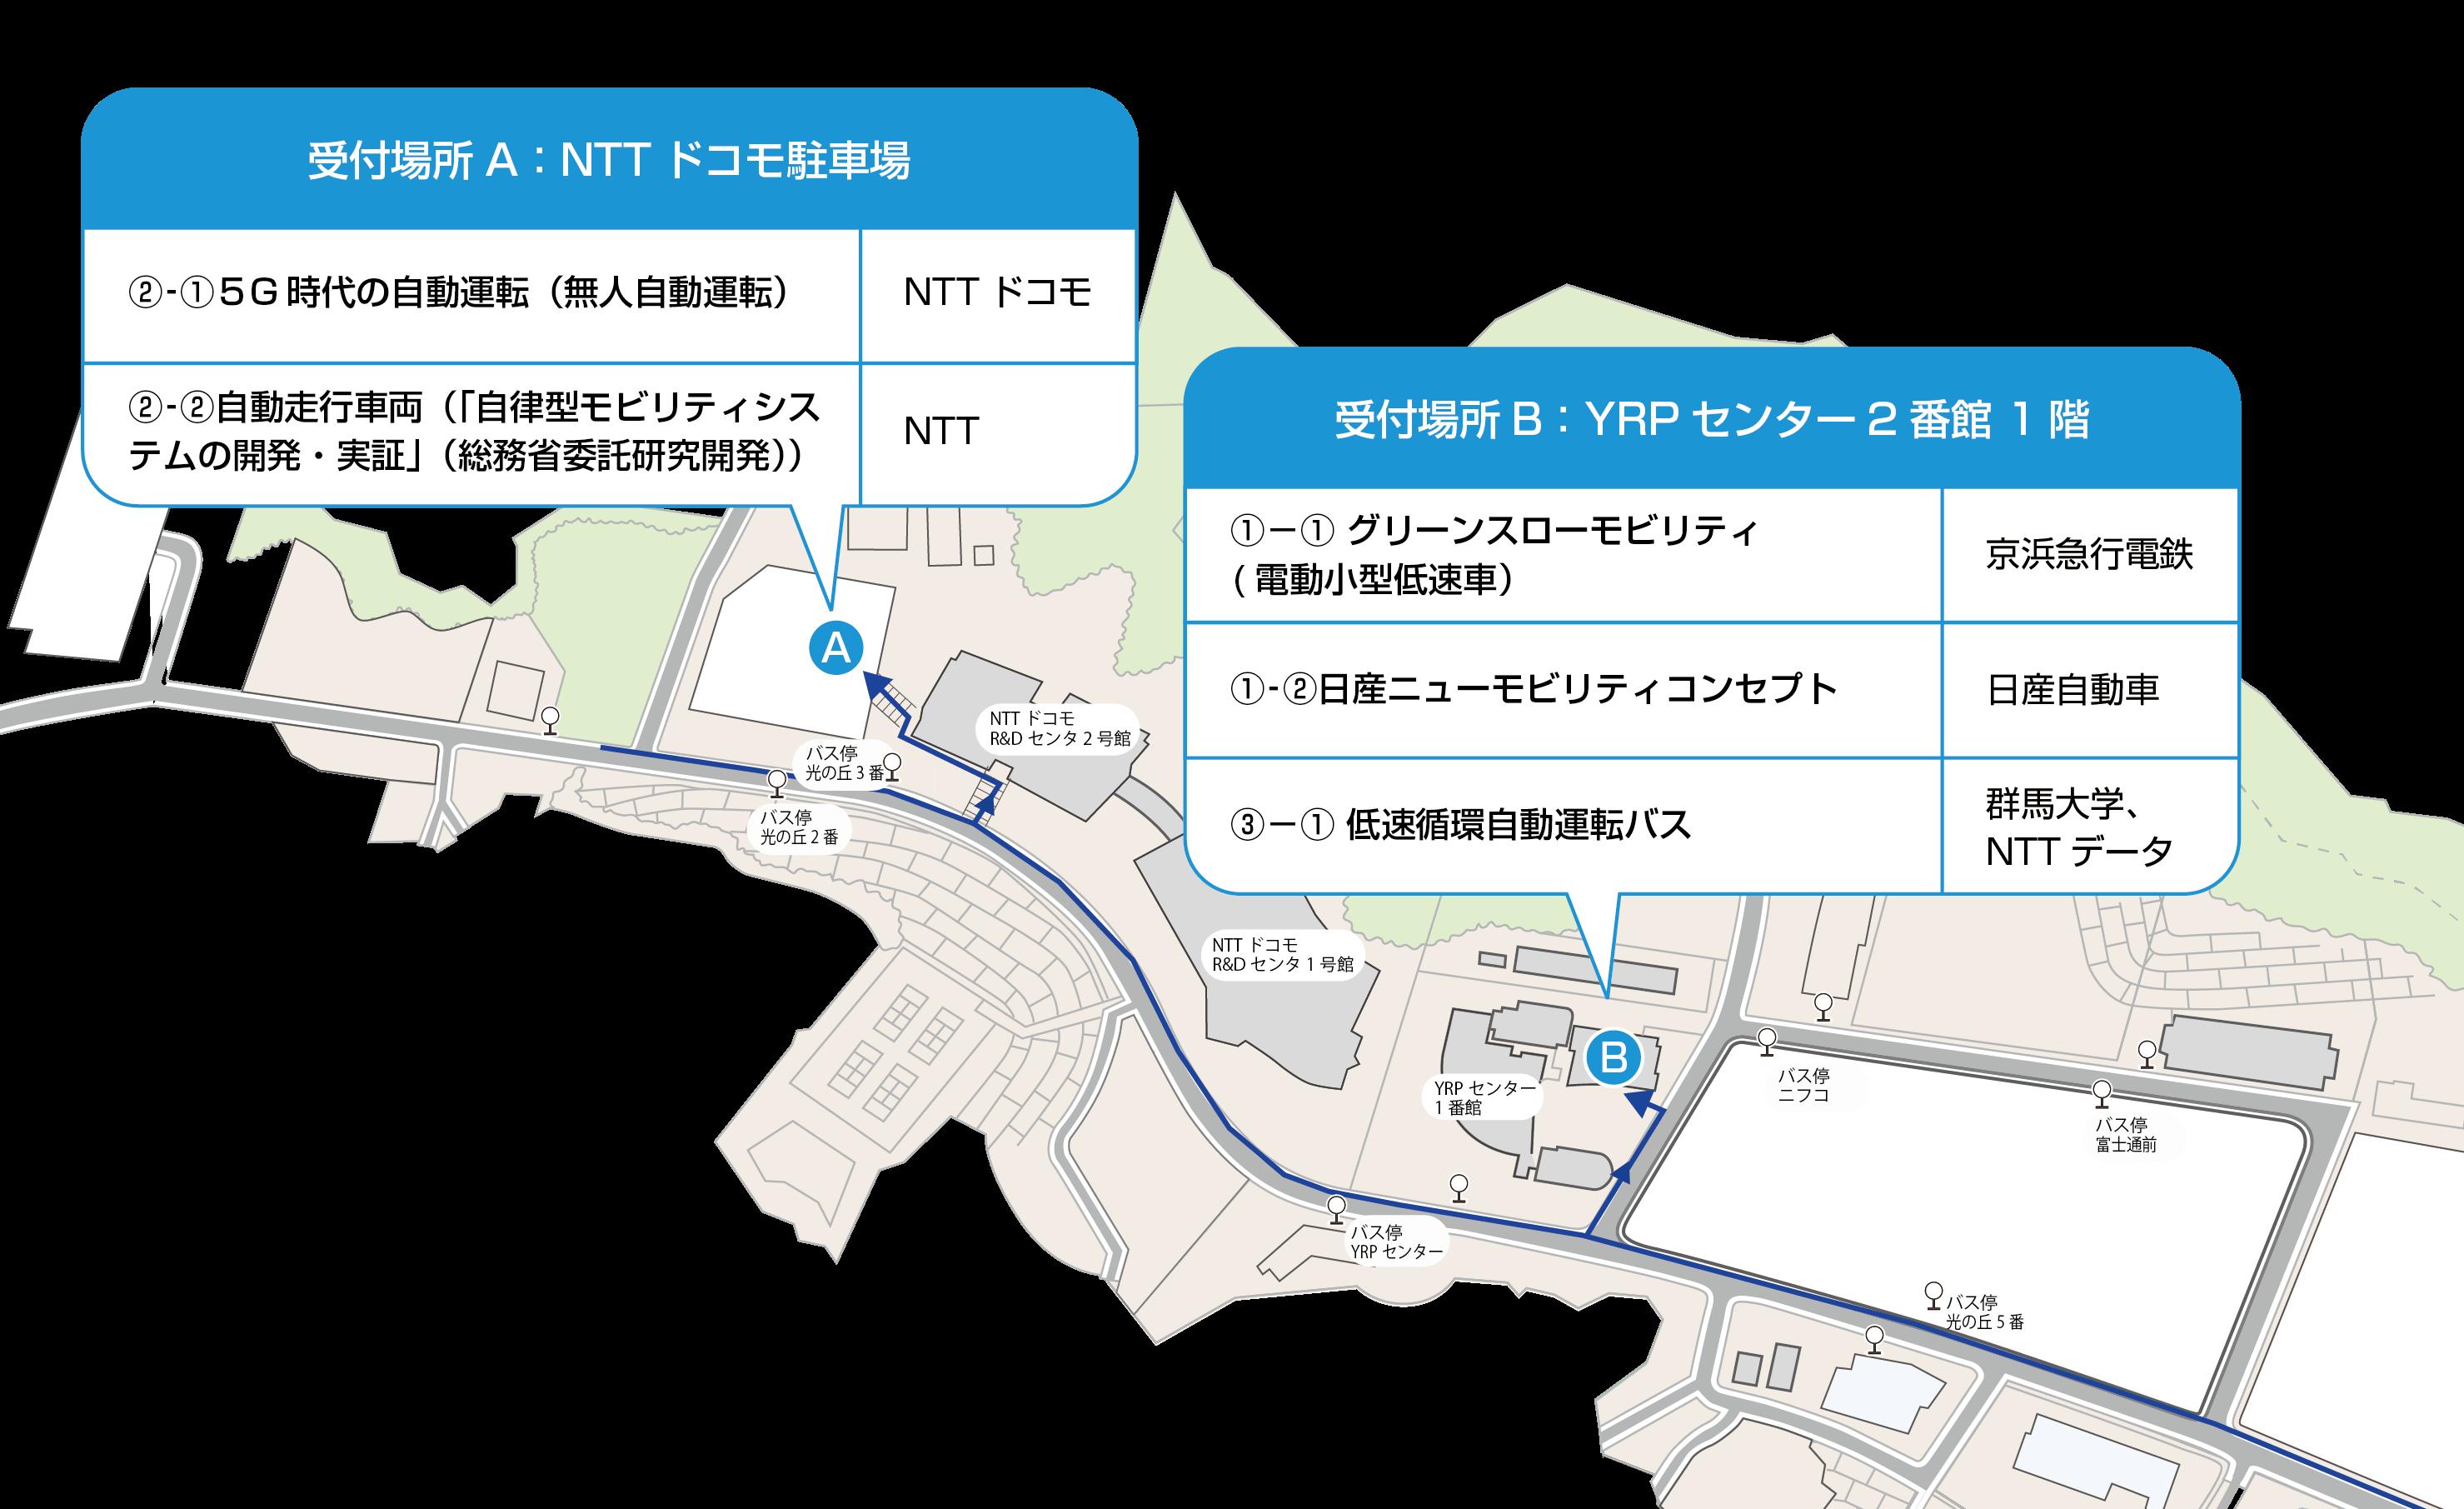 屋外(公道)デモンストレーション受付整理券配布場所